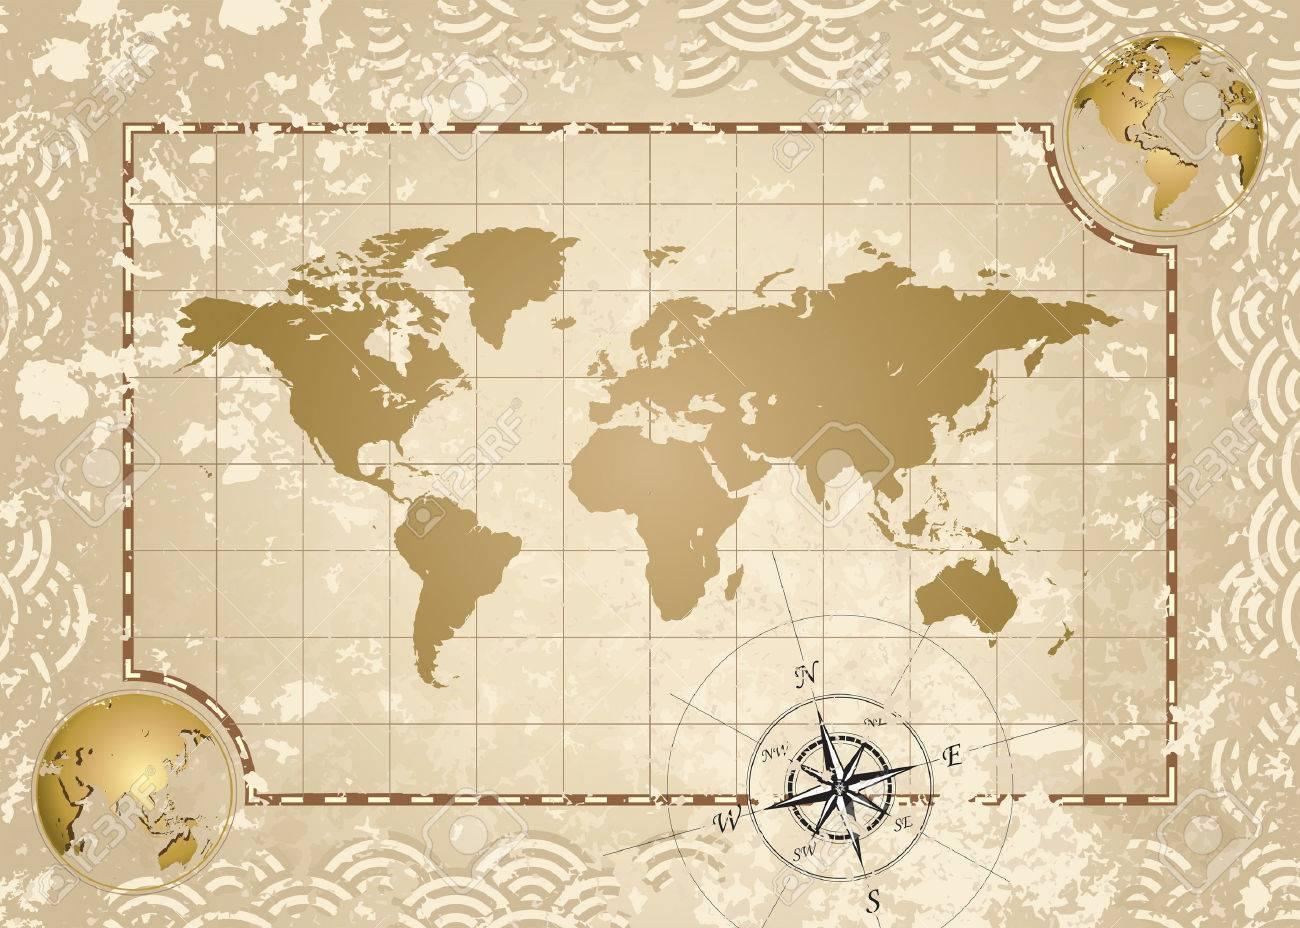 Anticuarios estilo world map ilustracin vectorial capas anticuarios estilo world map ilustracin vectorial capas foto de archivo 3443713 gumiabroncs Gallery